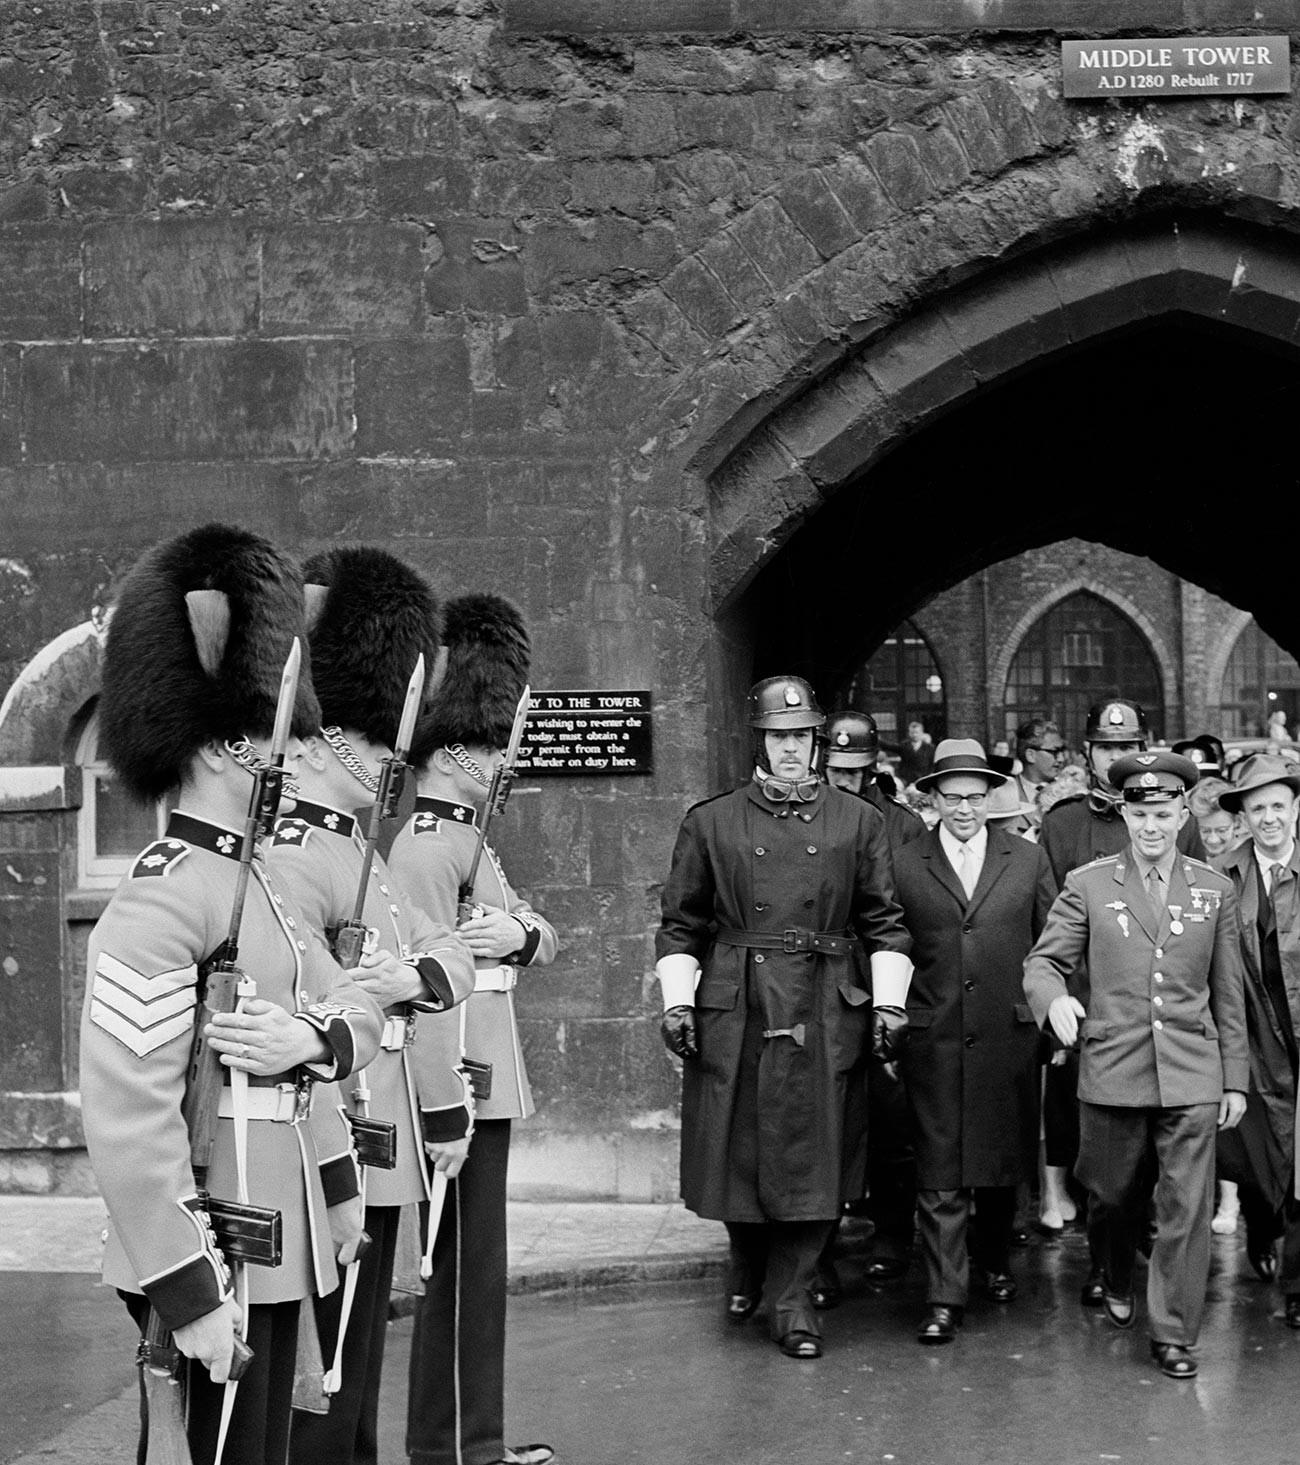 Gagarine a également visité la tour de Londres